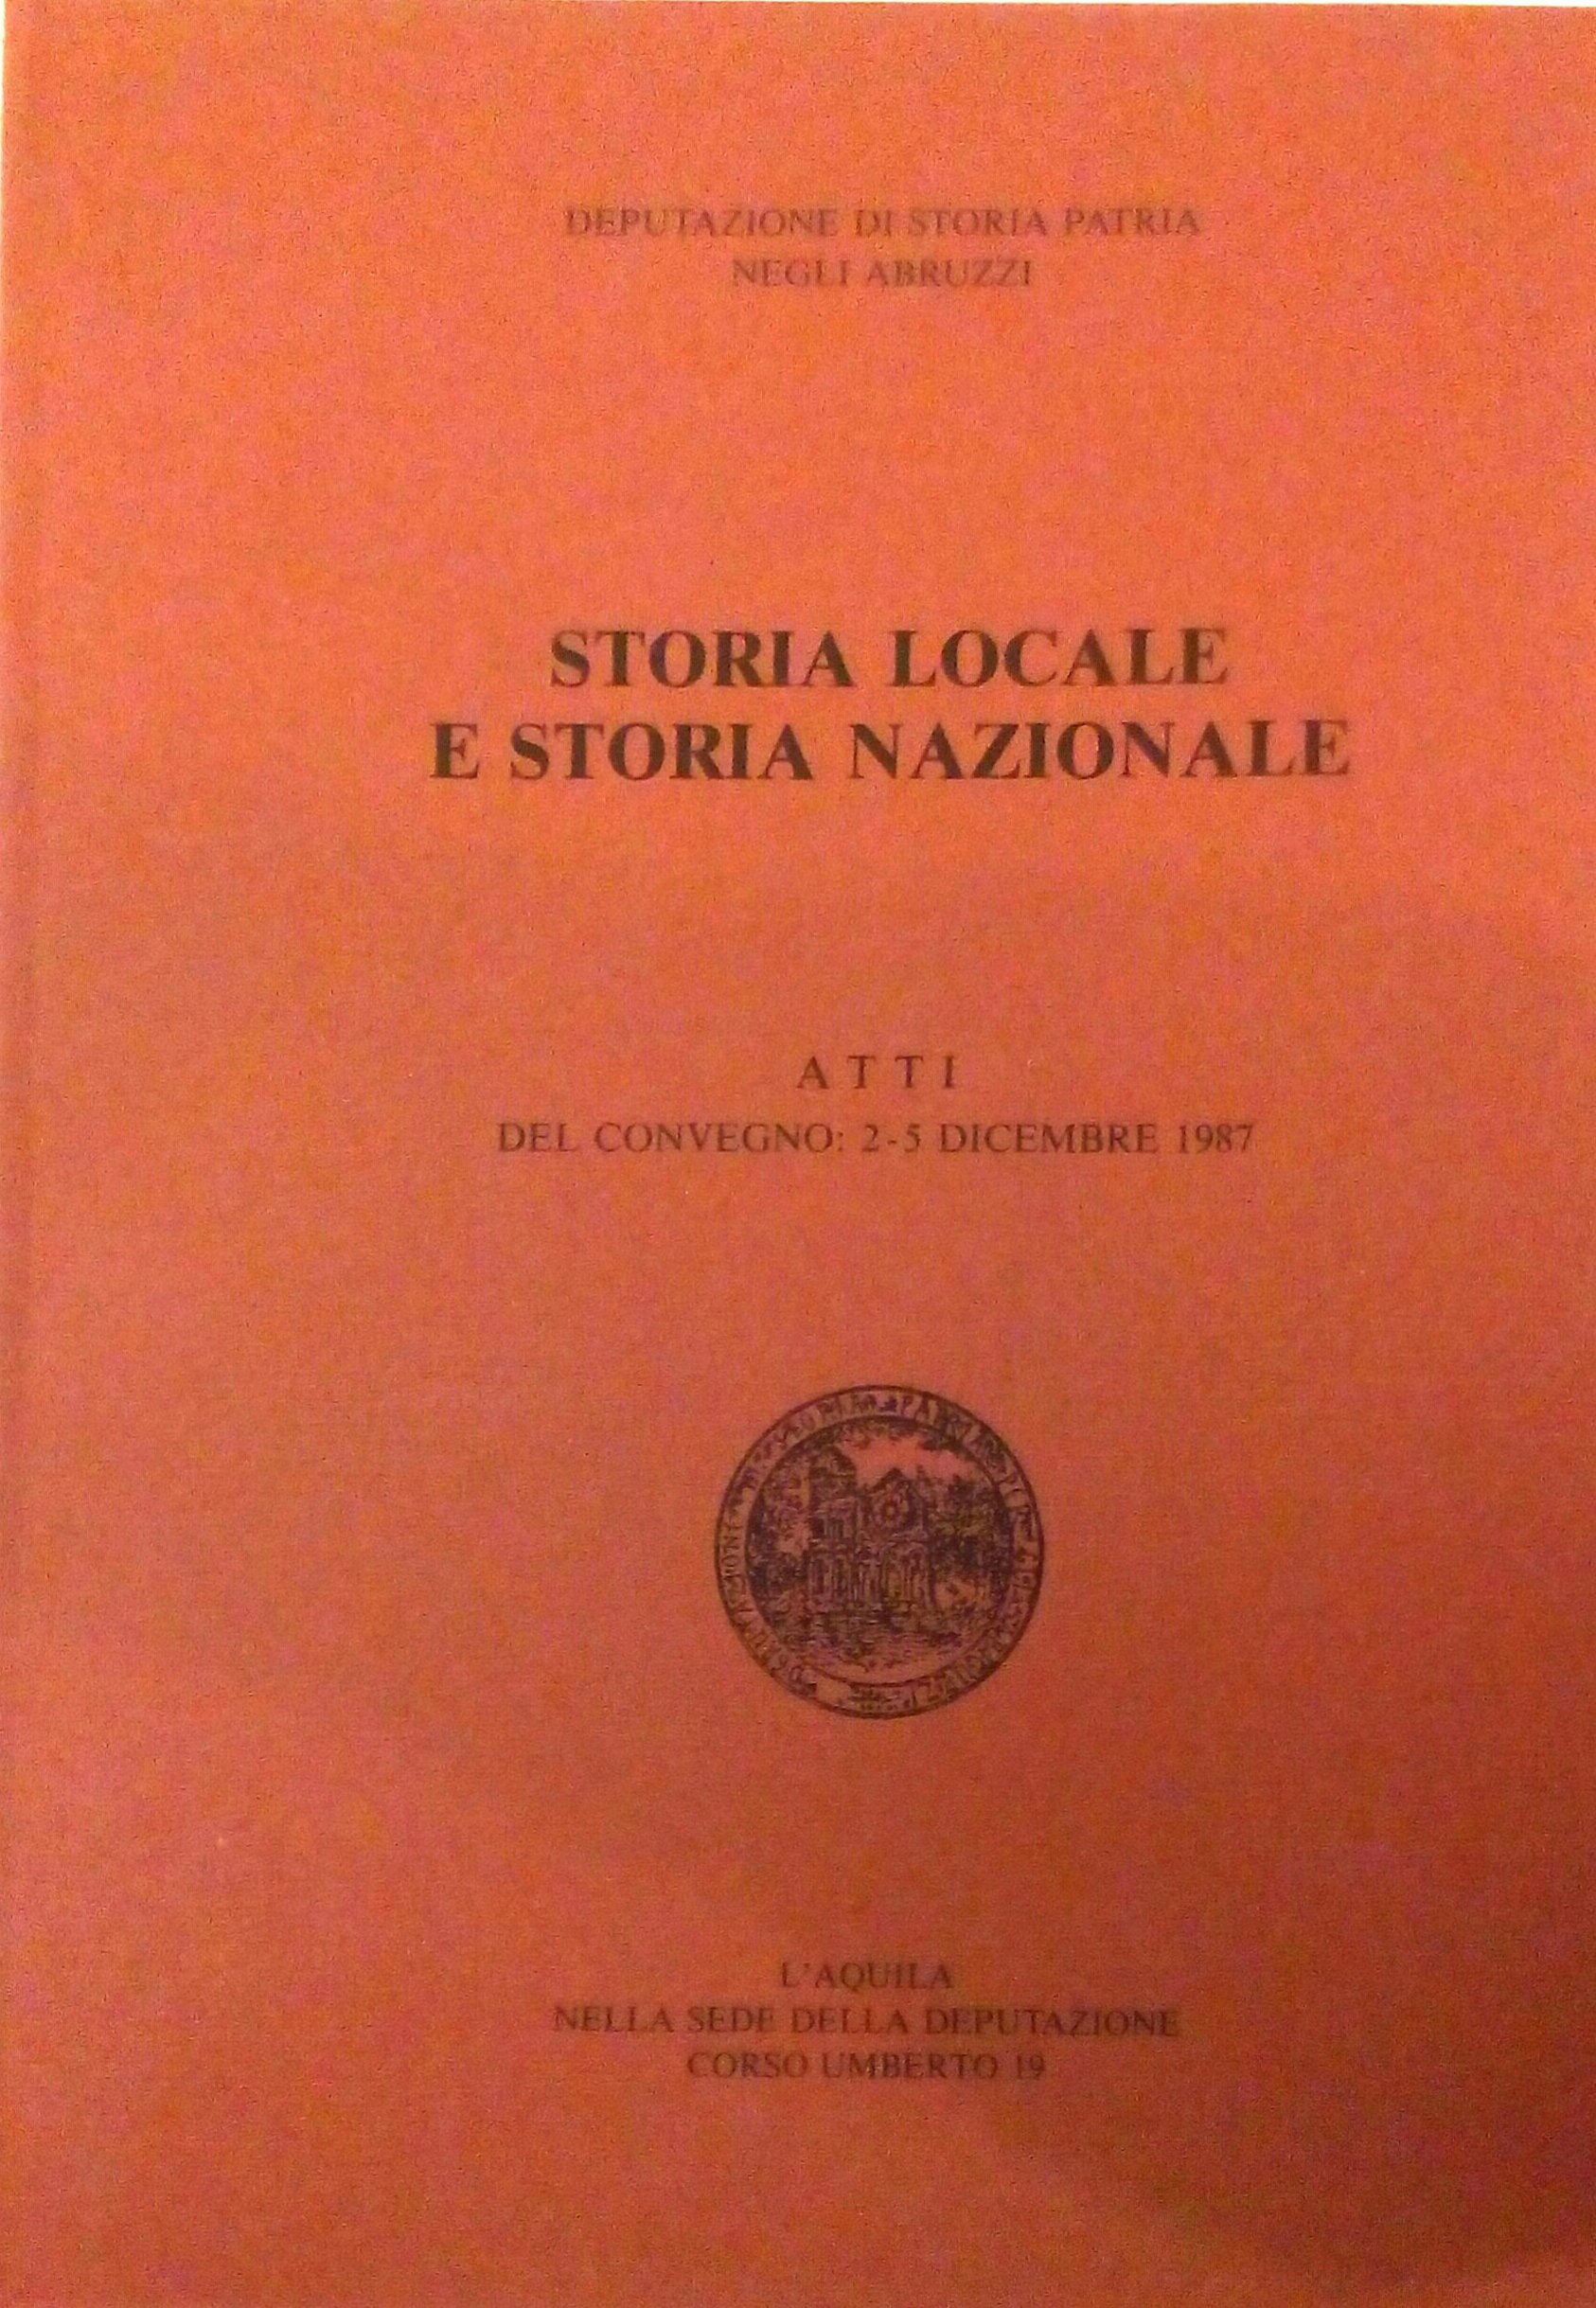 Storia locale e storia nazionale